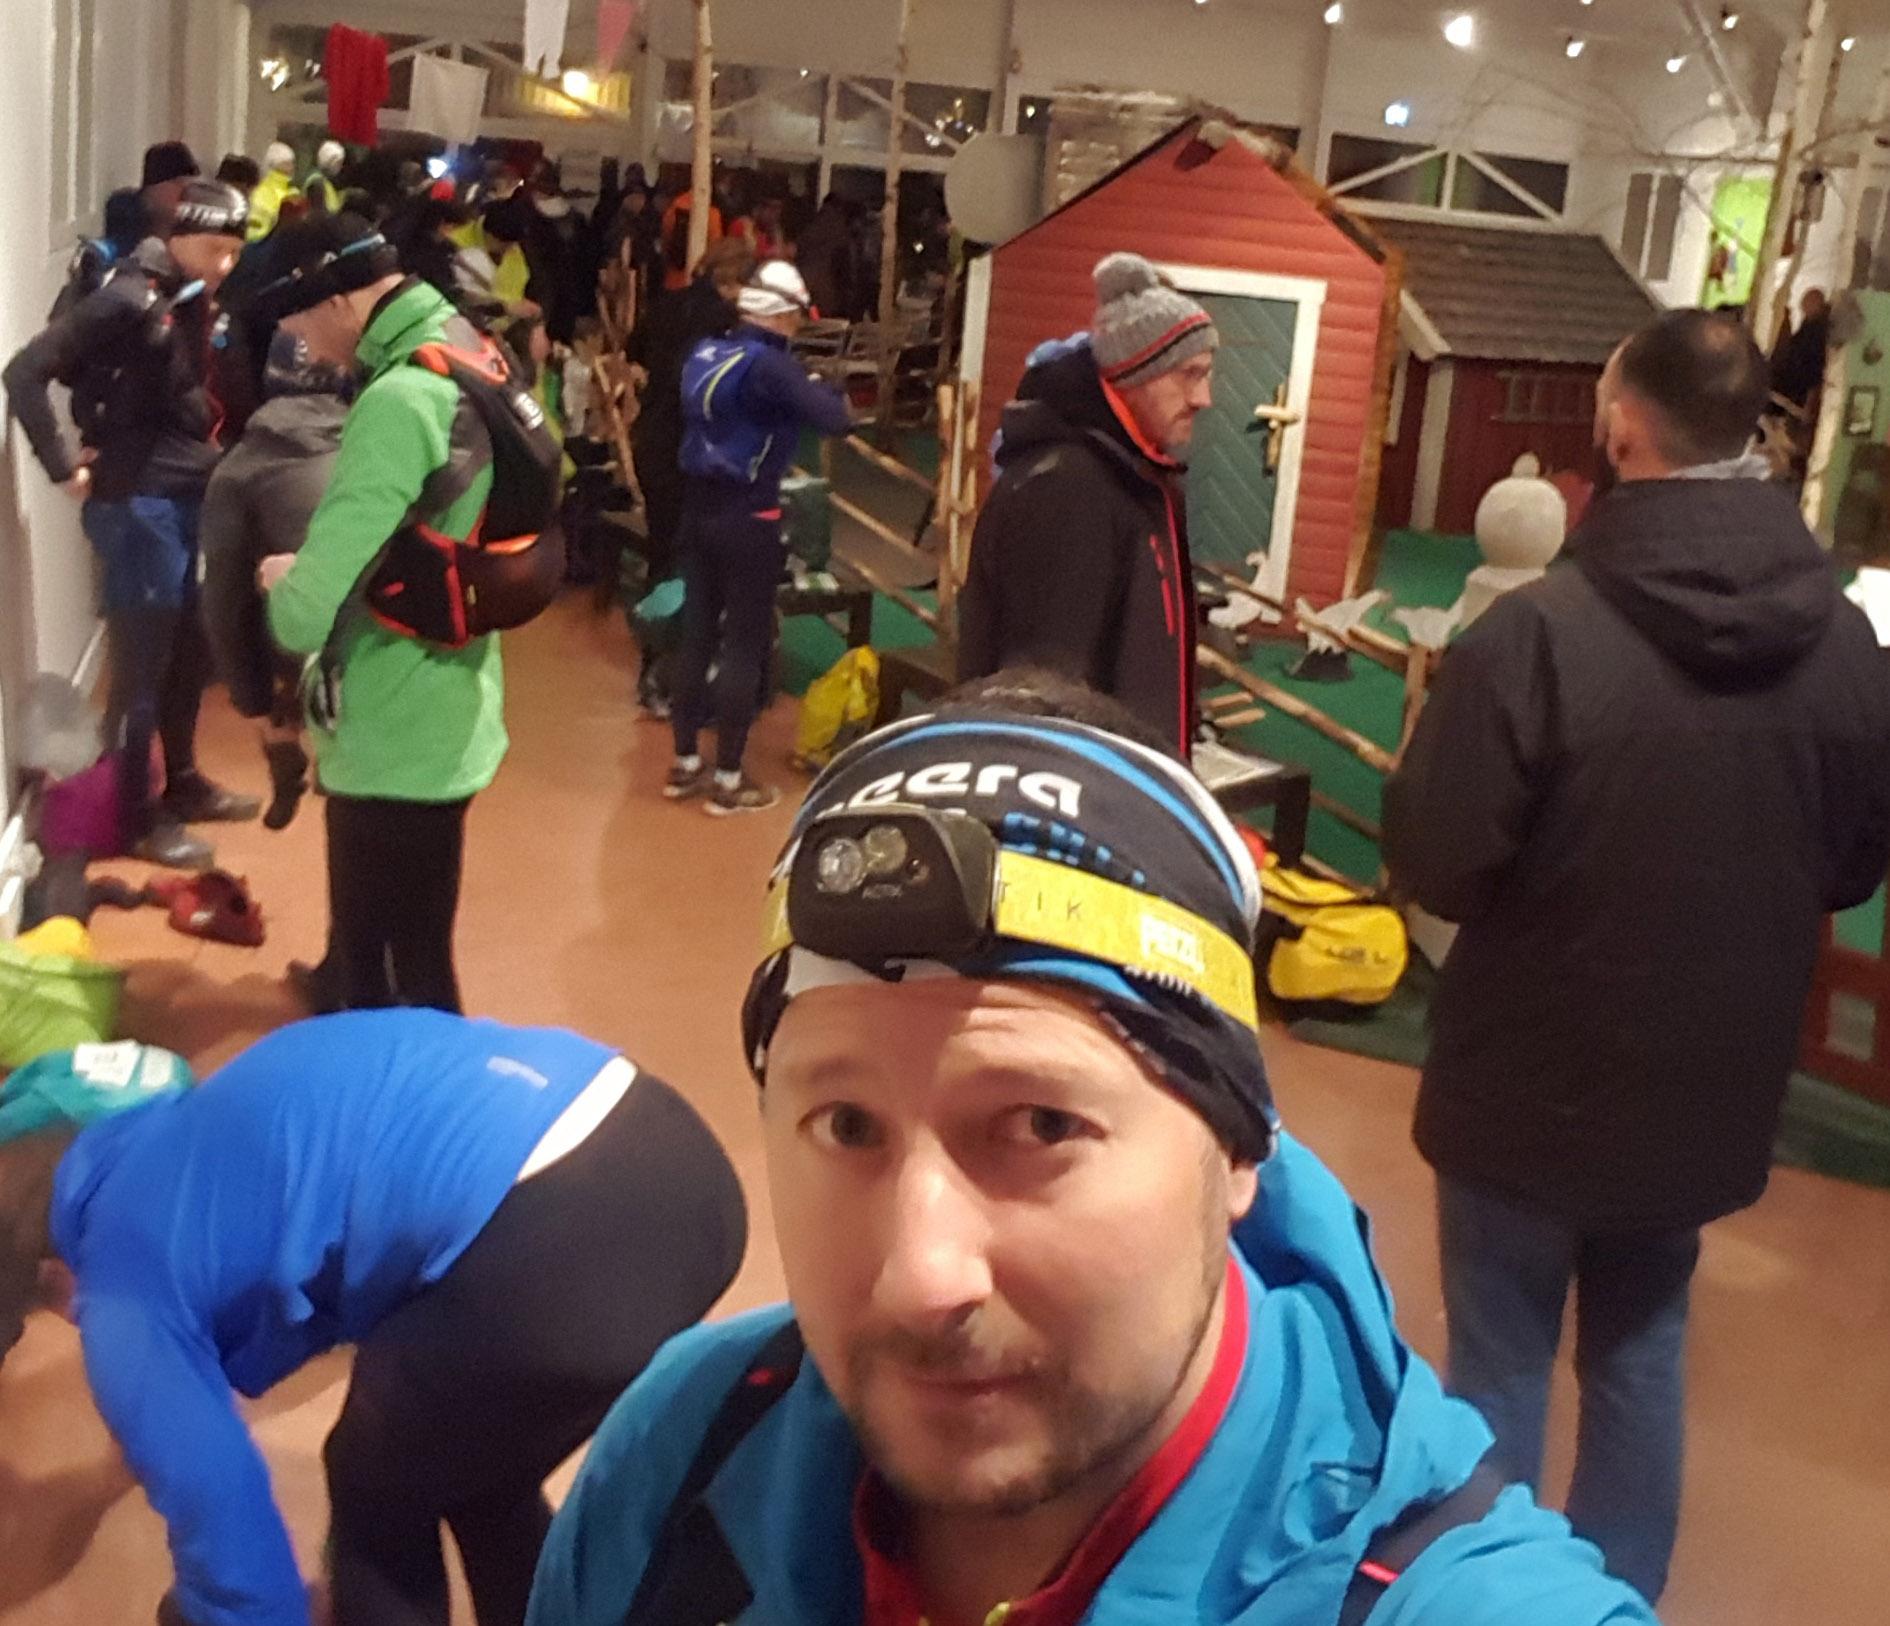 Avbruten trailtävling efter bara en maradistans